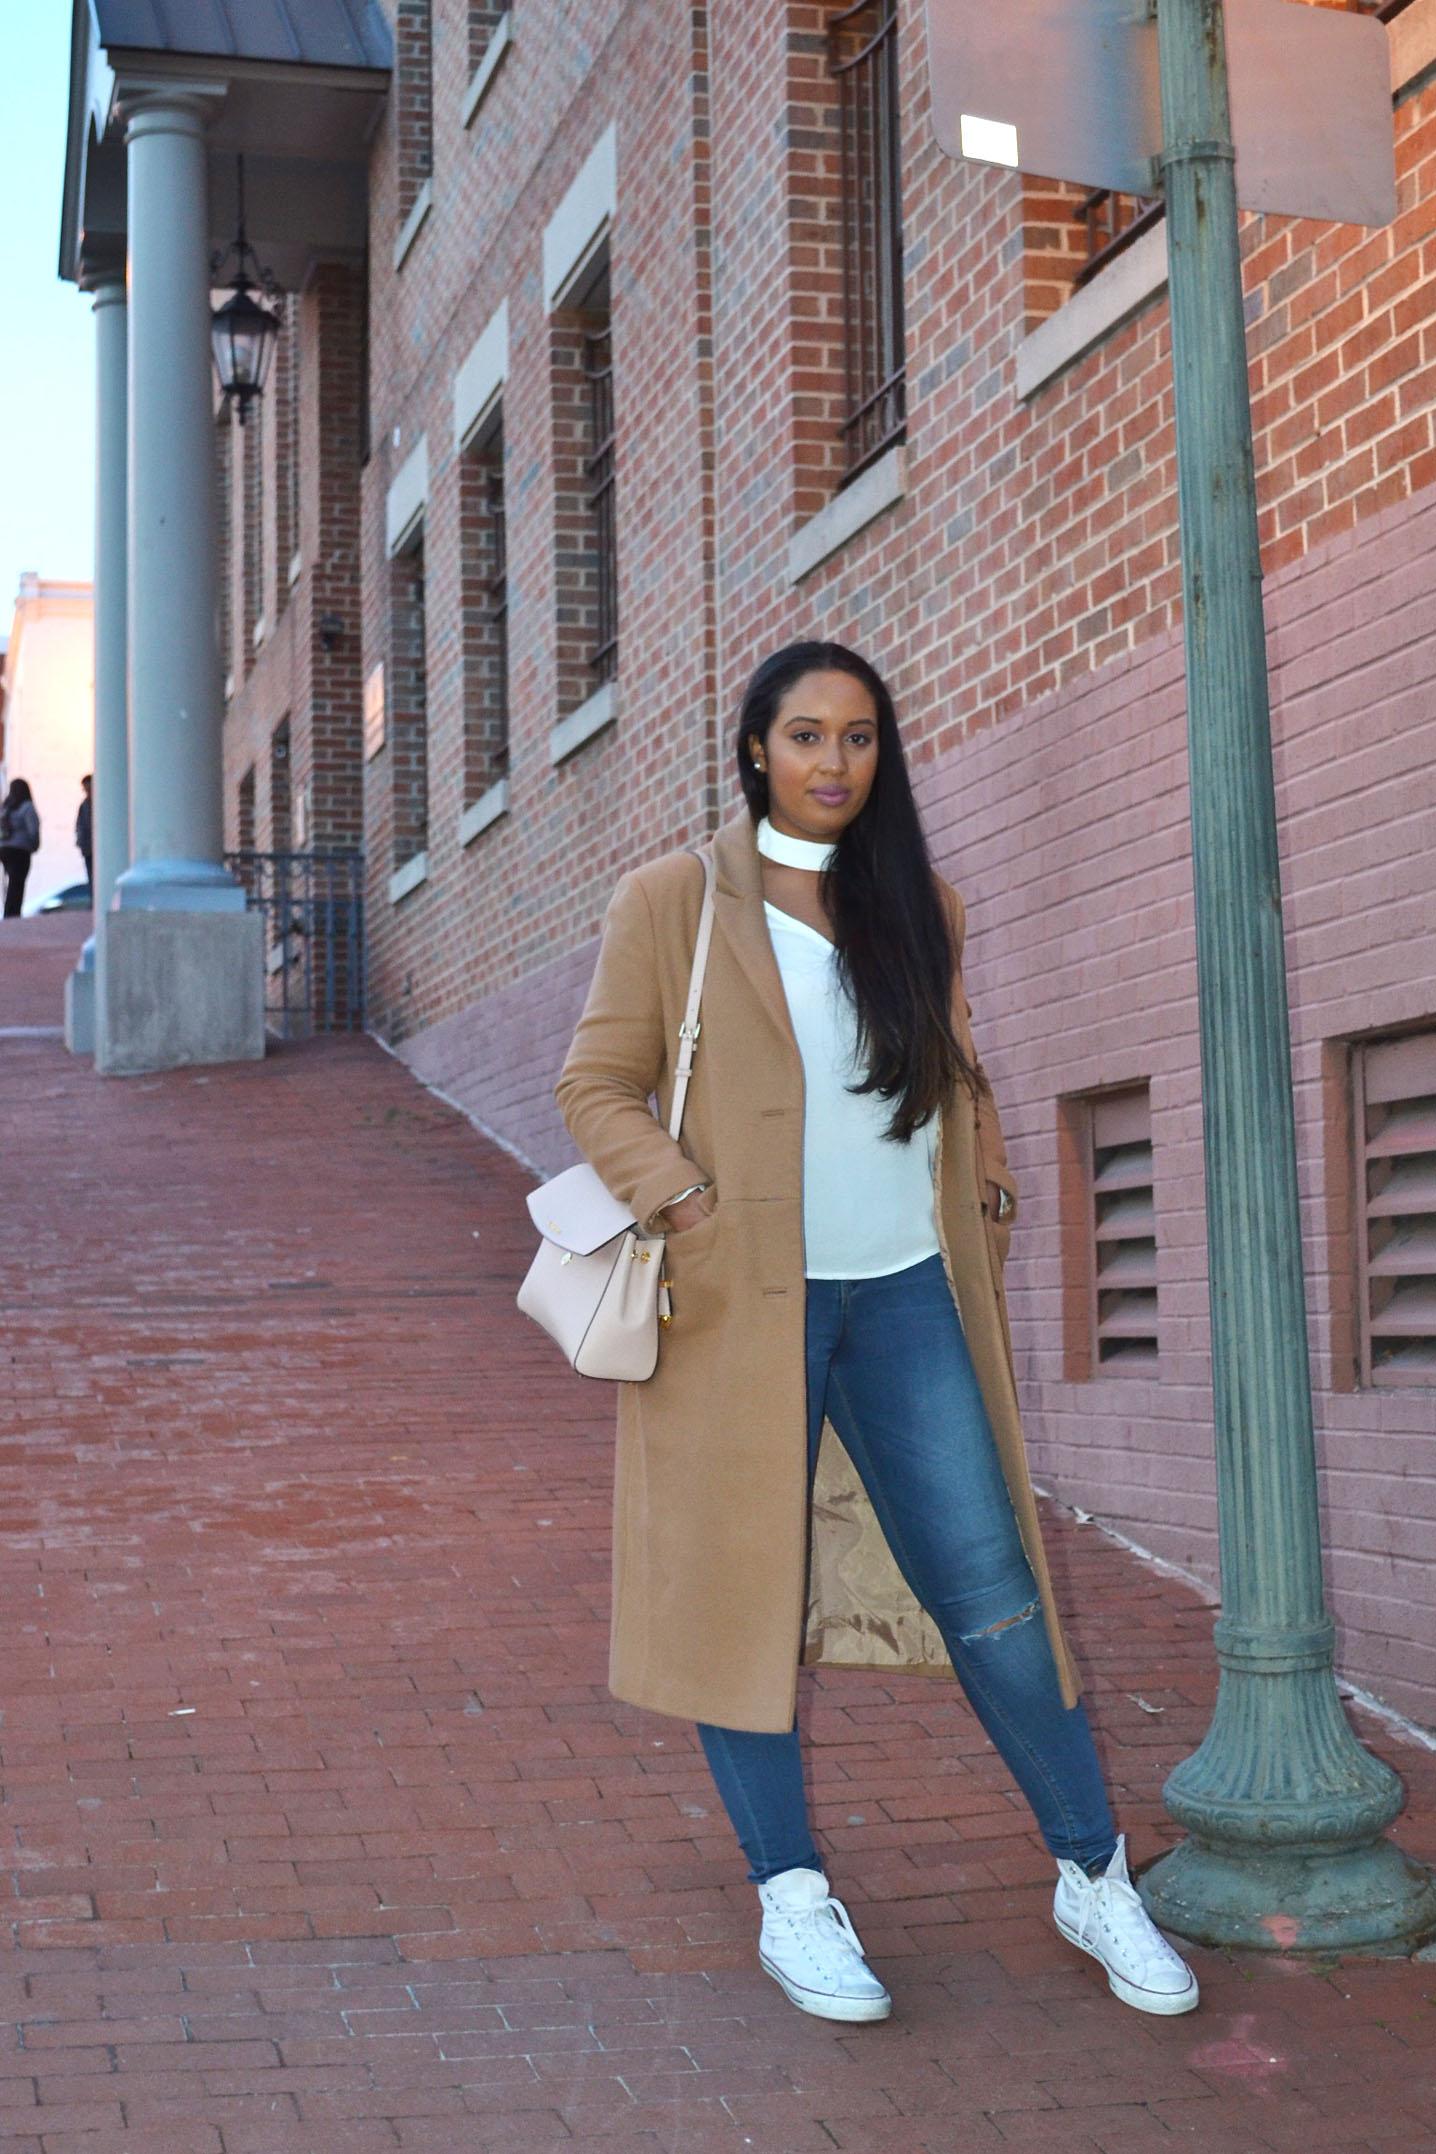 #OOTD: Georgetown